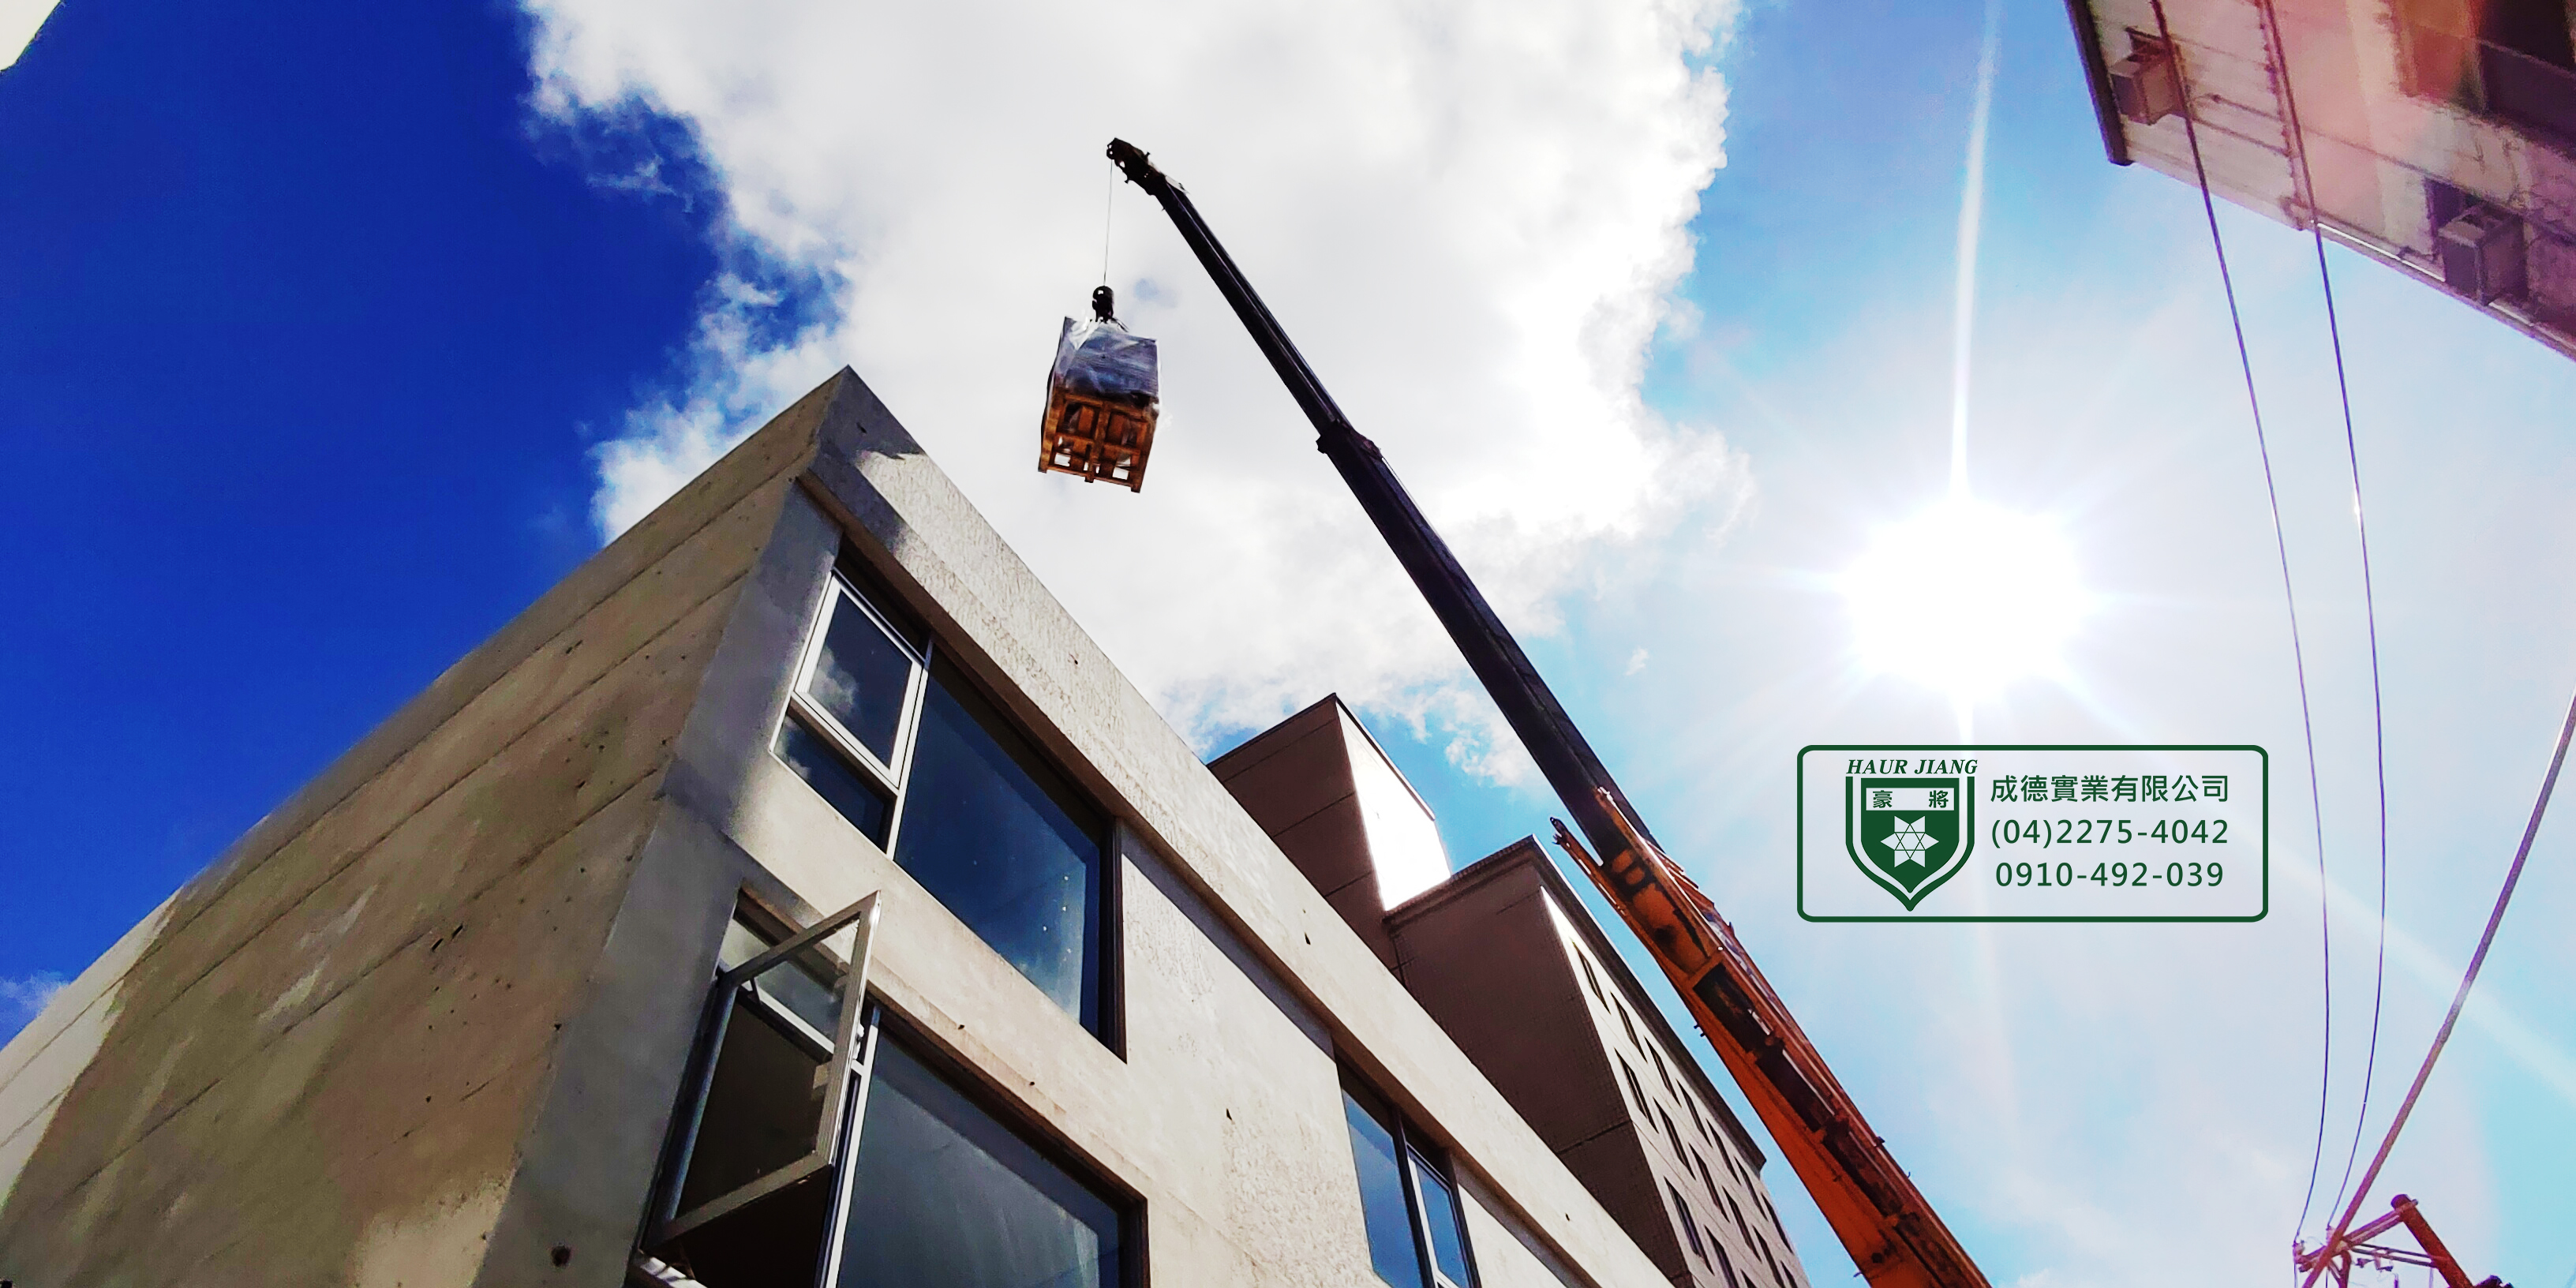 【桃園中壢-旅館】依業主配合水電指示時間交貨,並協助進行吊掛至頂樓機房